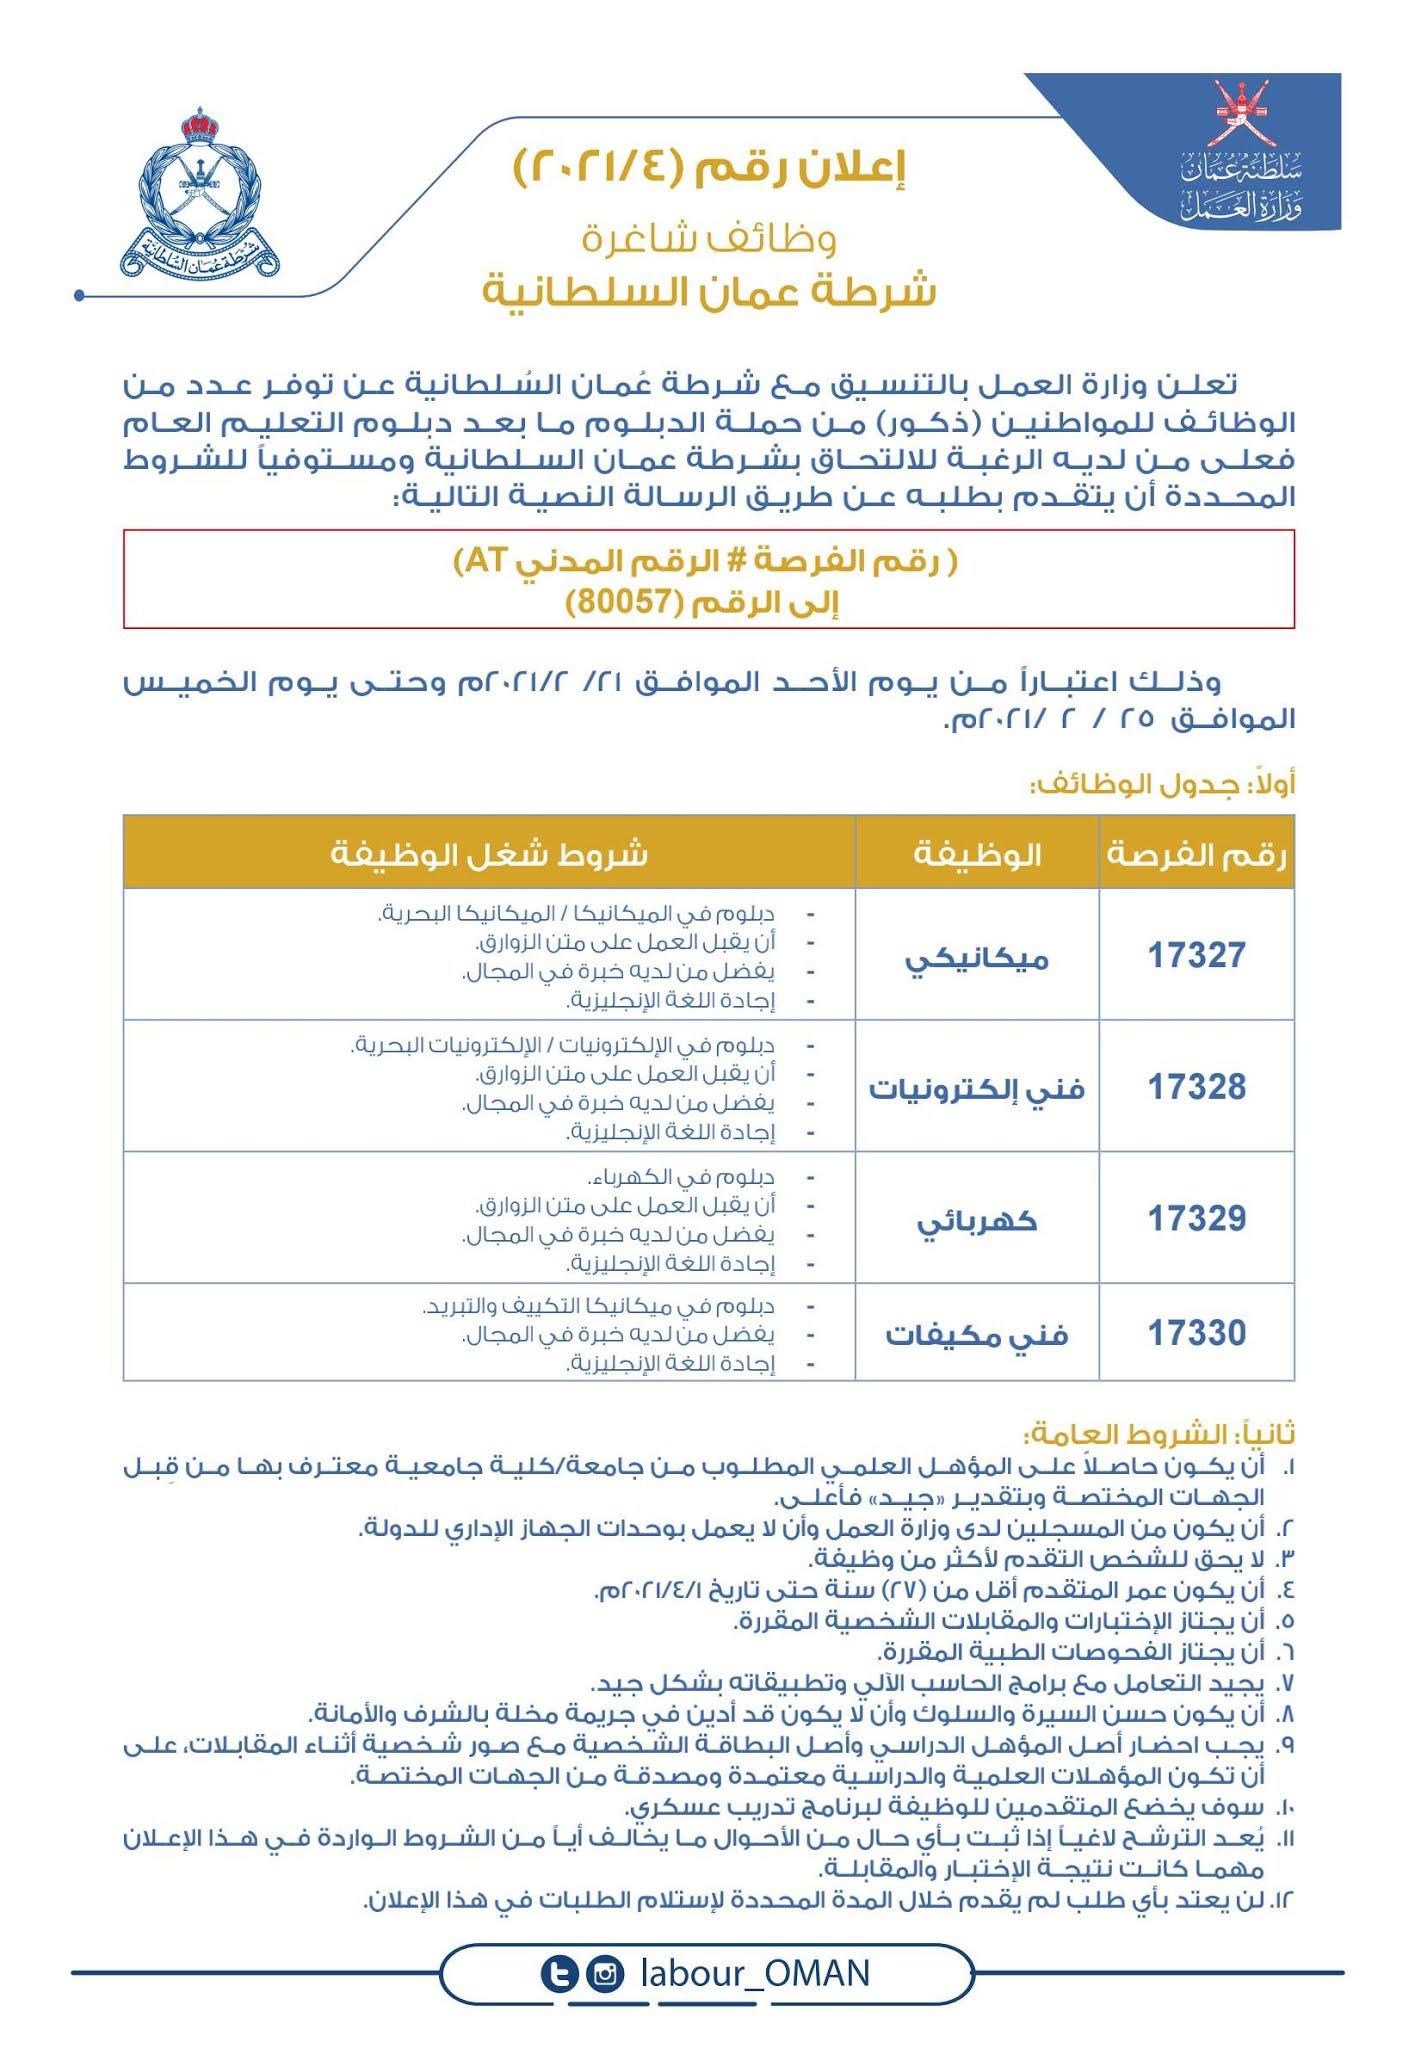 وزارة العمل   شرطة عمان السلطانية وظائف 2021